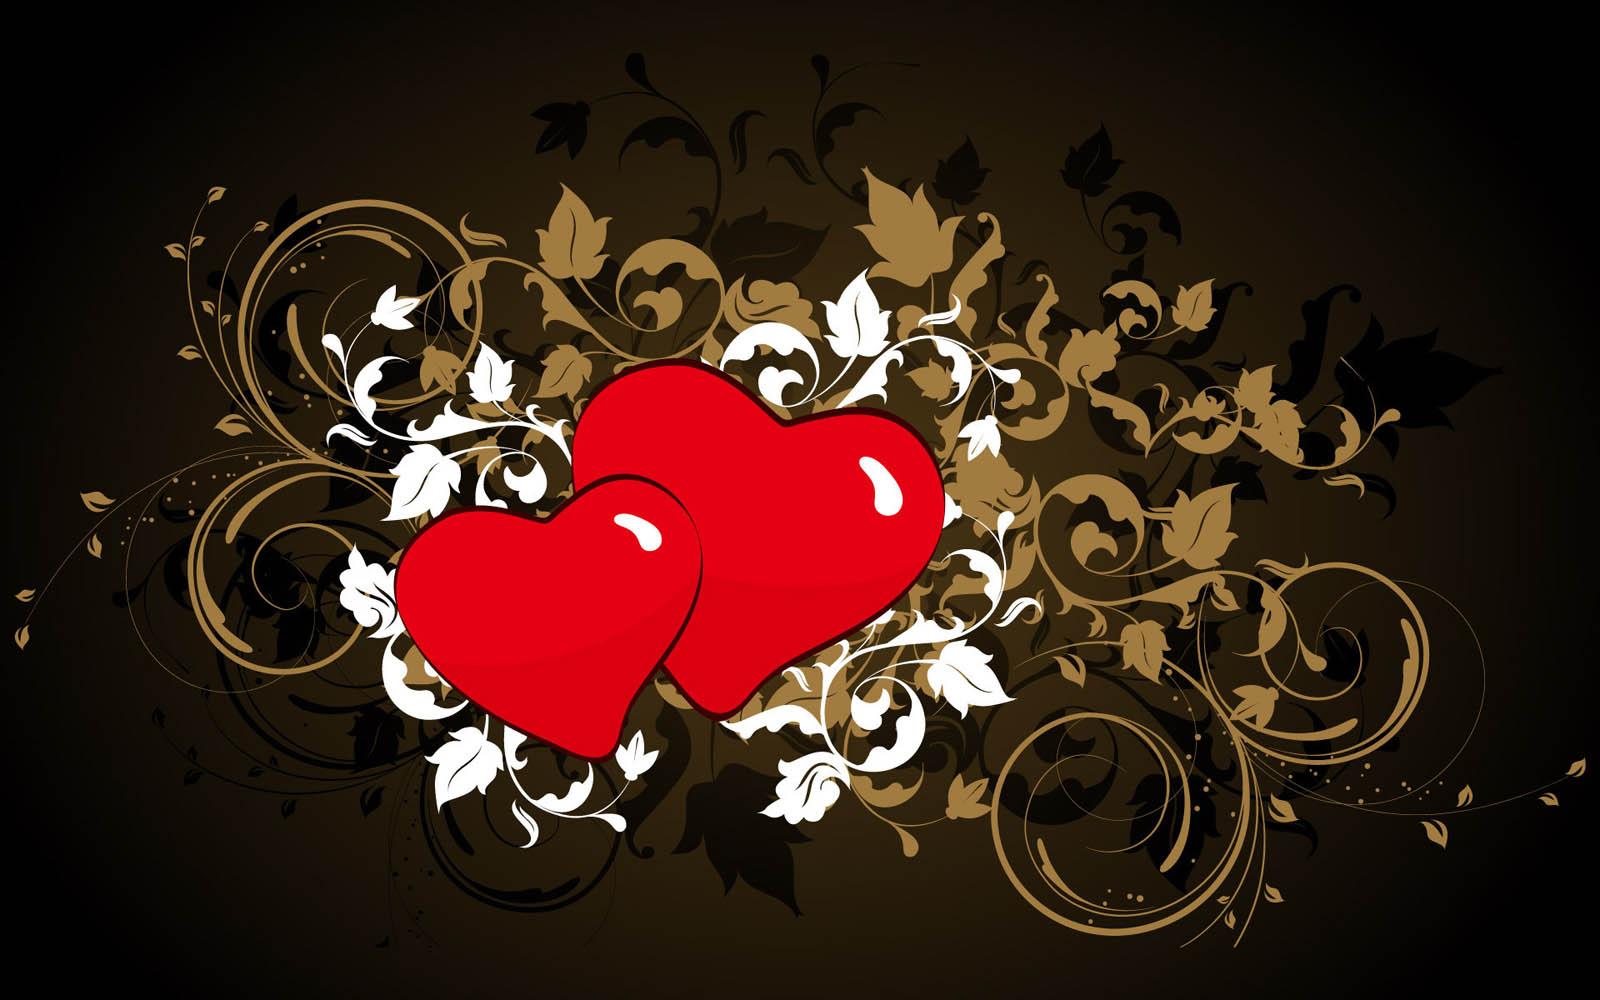 Wallpaper simbol love yang keren for Love design